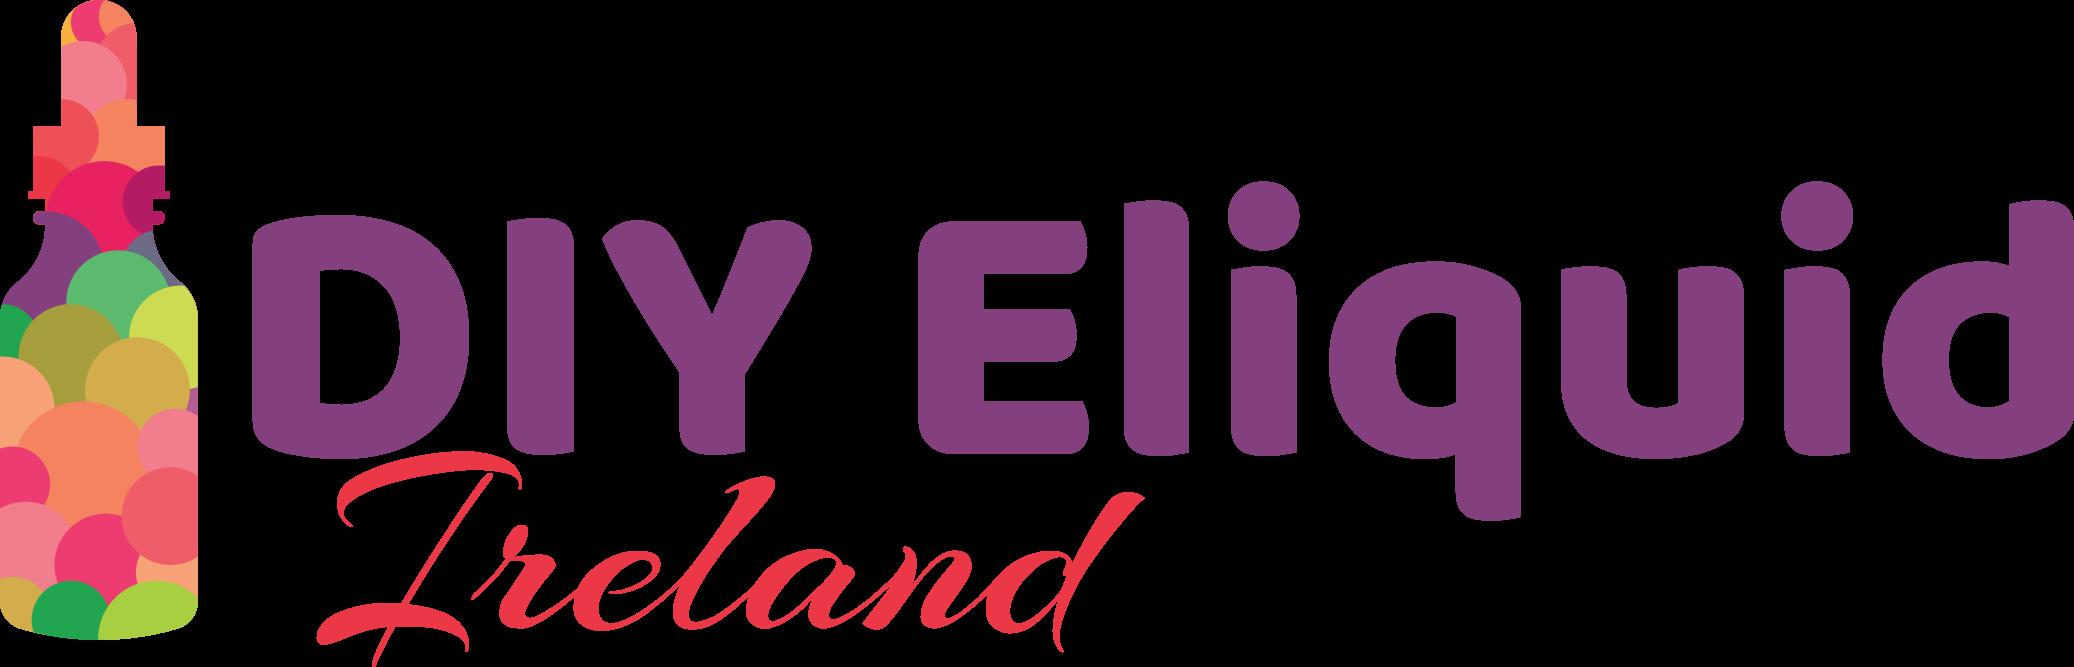 DIY Eliquid Ireland